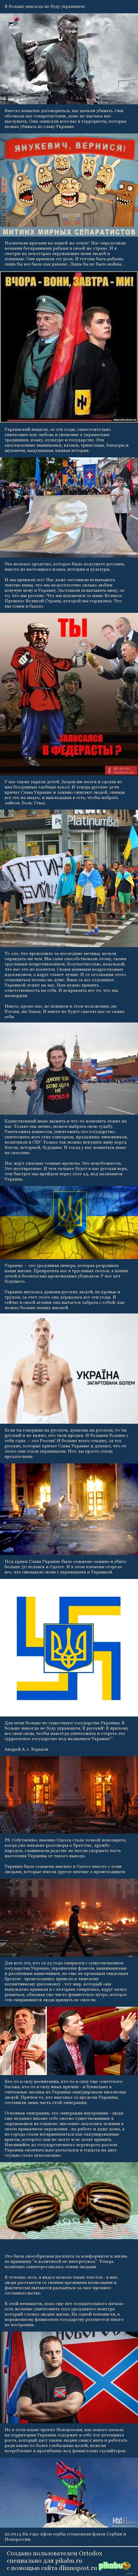 Я больше никогда не буду украинцем. Если ты говоришь на русском, думаешь на русском, то ты русский и не важно, кто твои предки. И большая Родина у тебя одна — это Россия!  Украина, Россия, русские, русский язык, Дети, Родина, предательство, Новороссия, длиннопост